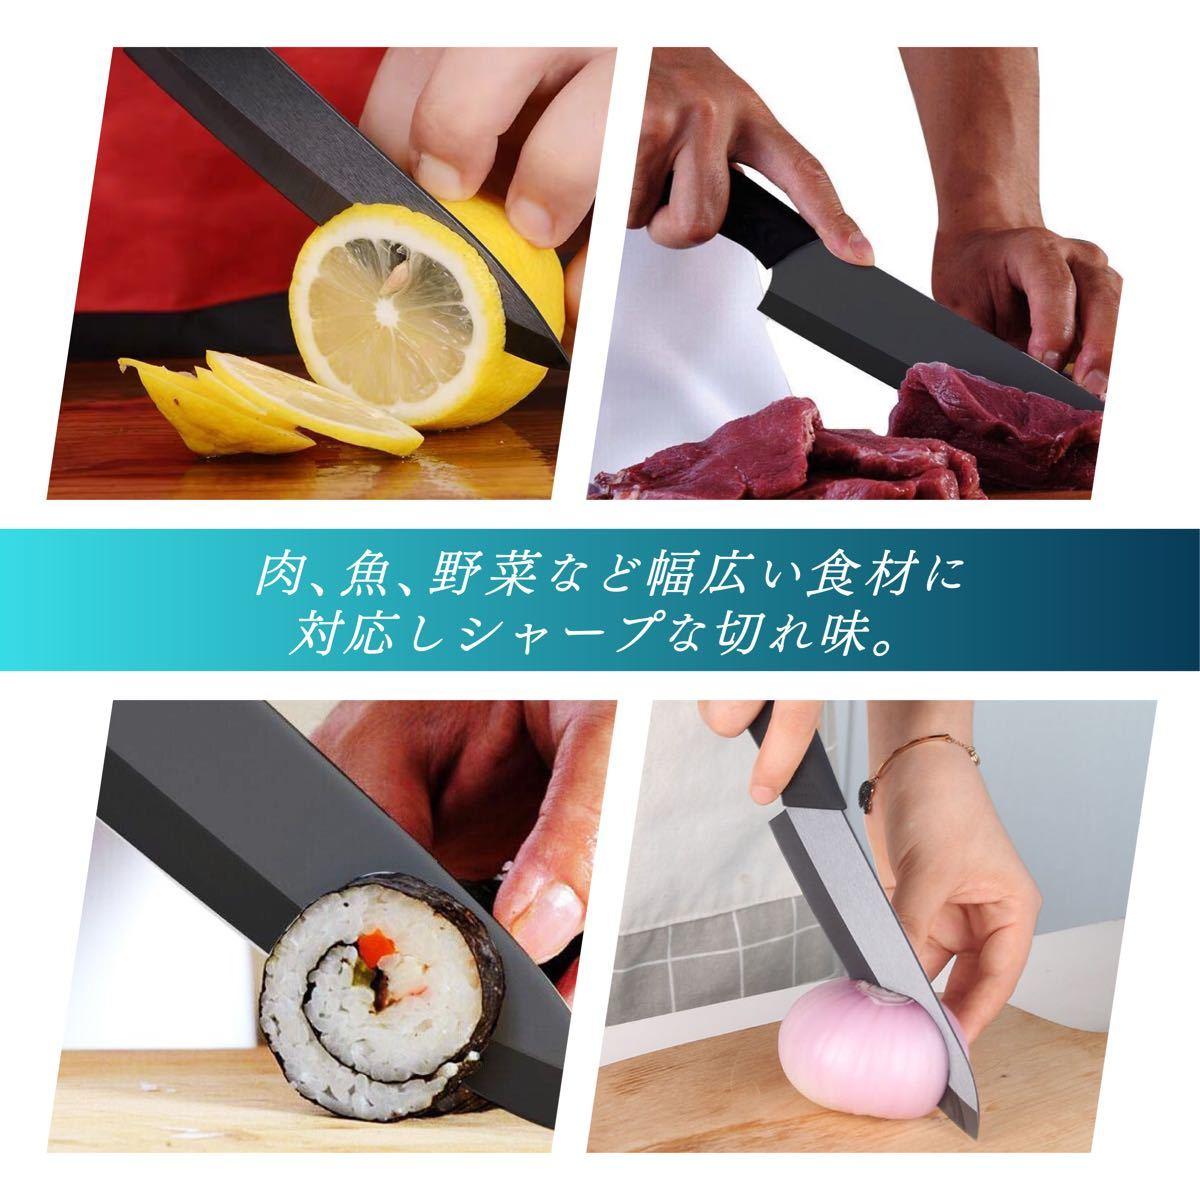 セラミック 包丁 三徳包丁 牛刀 セラミックナイフ 黒刃 全長300mm